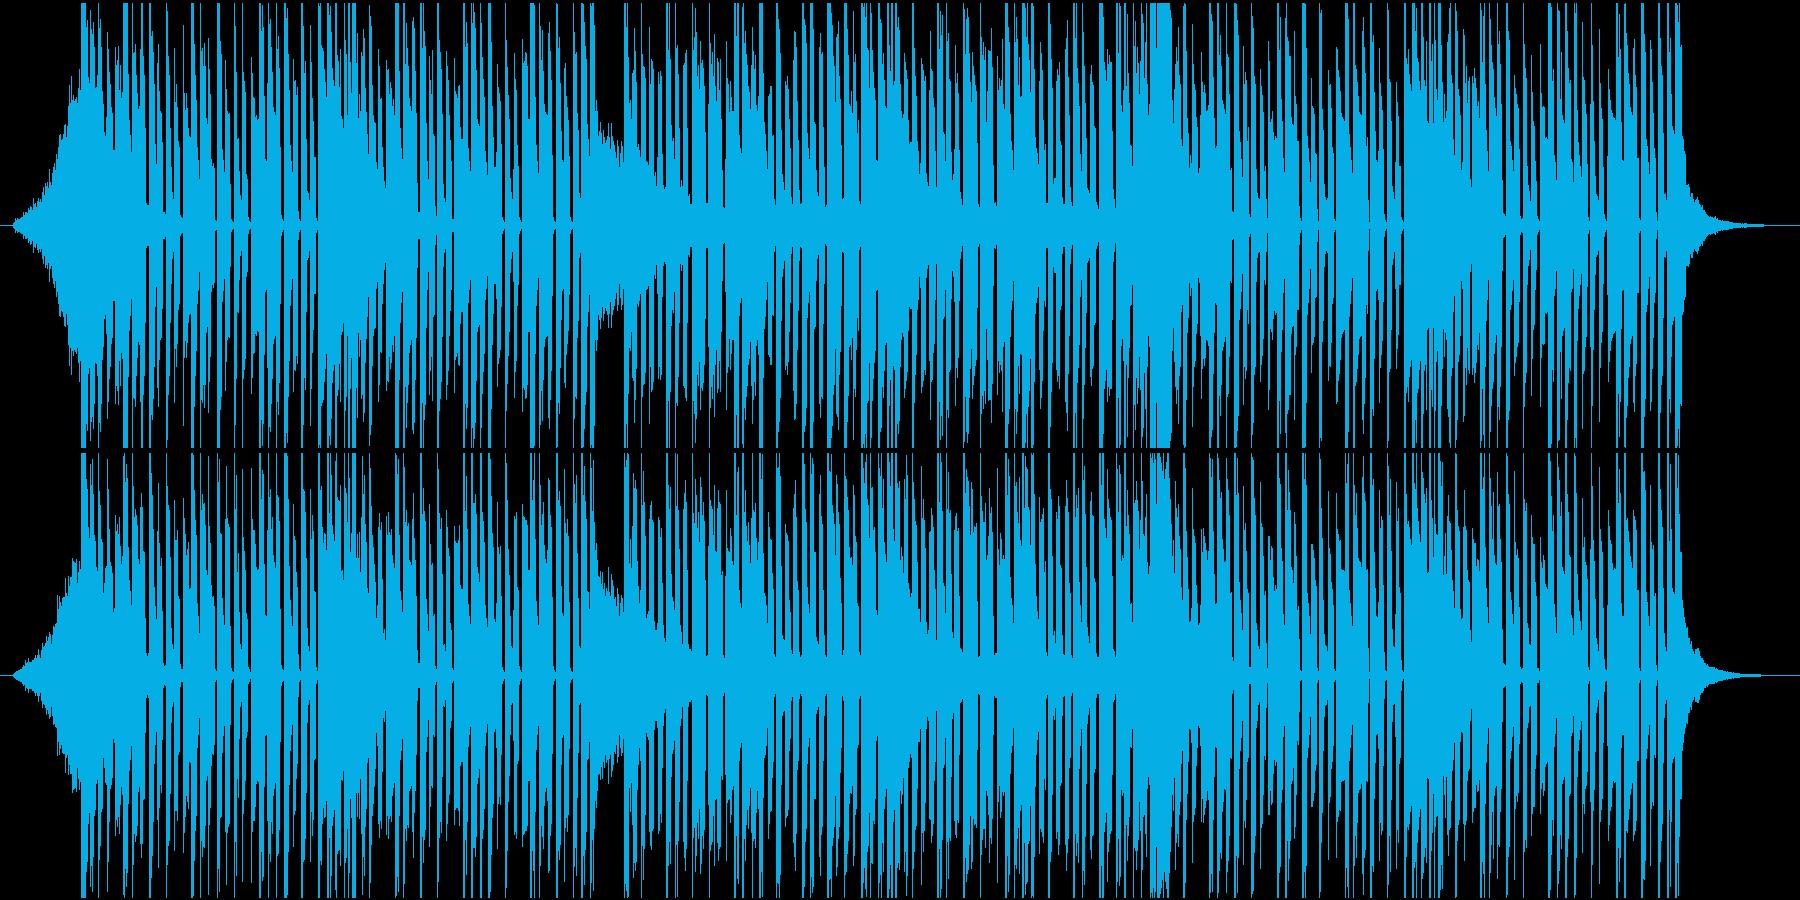 かわいいポップなチップチューンの再生済みの波形